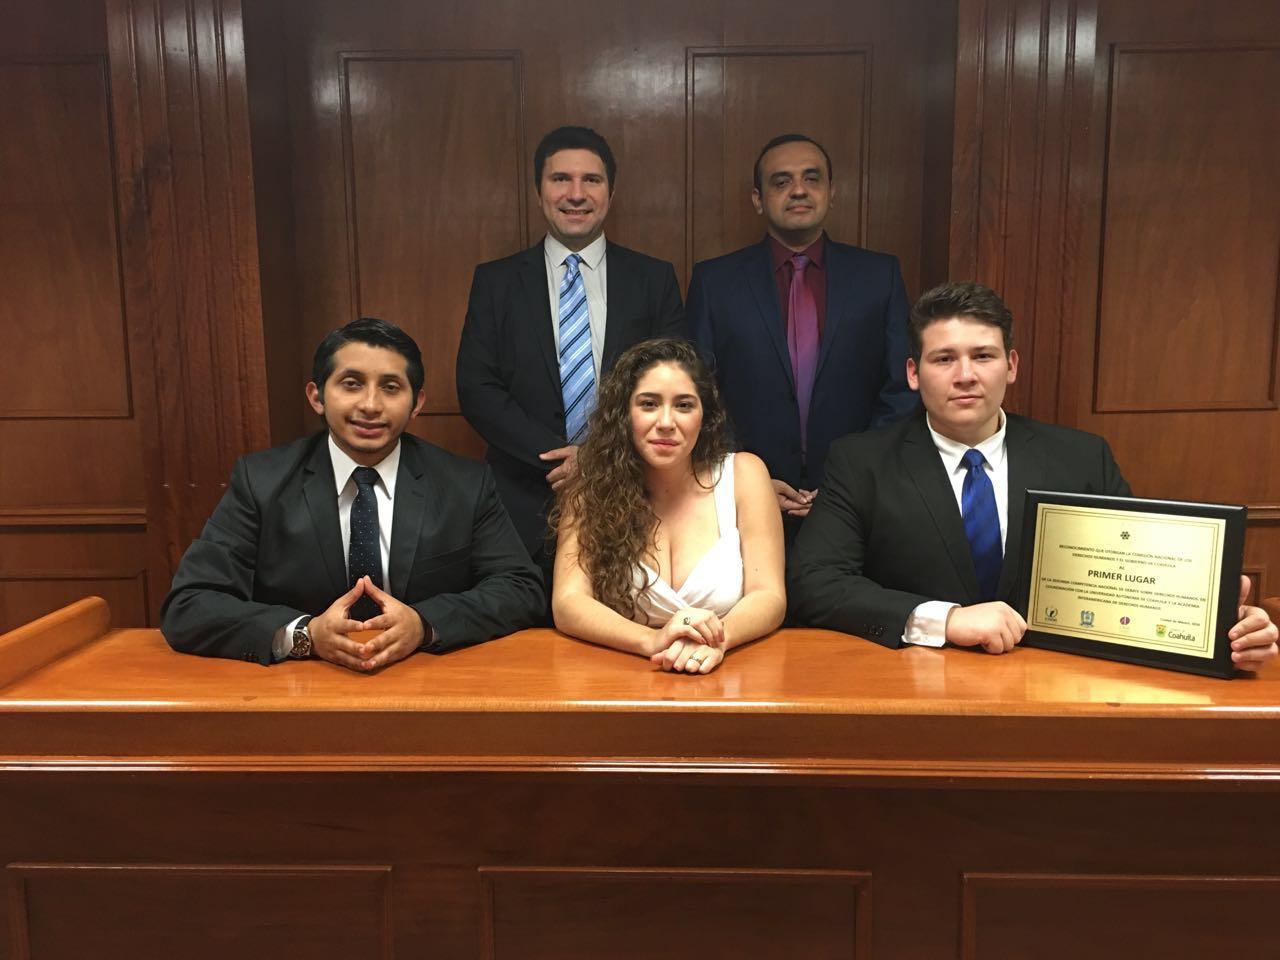 Yucatecos ganan certamen nacional sobre derechos humanos